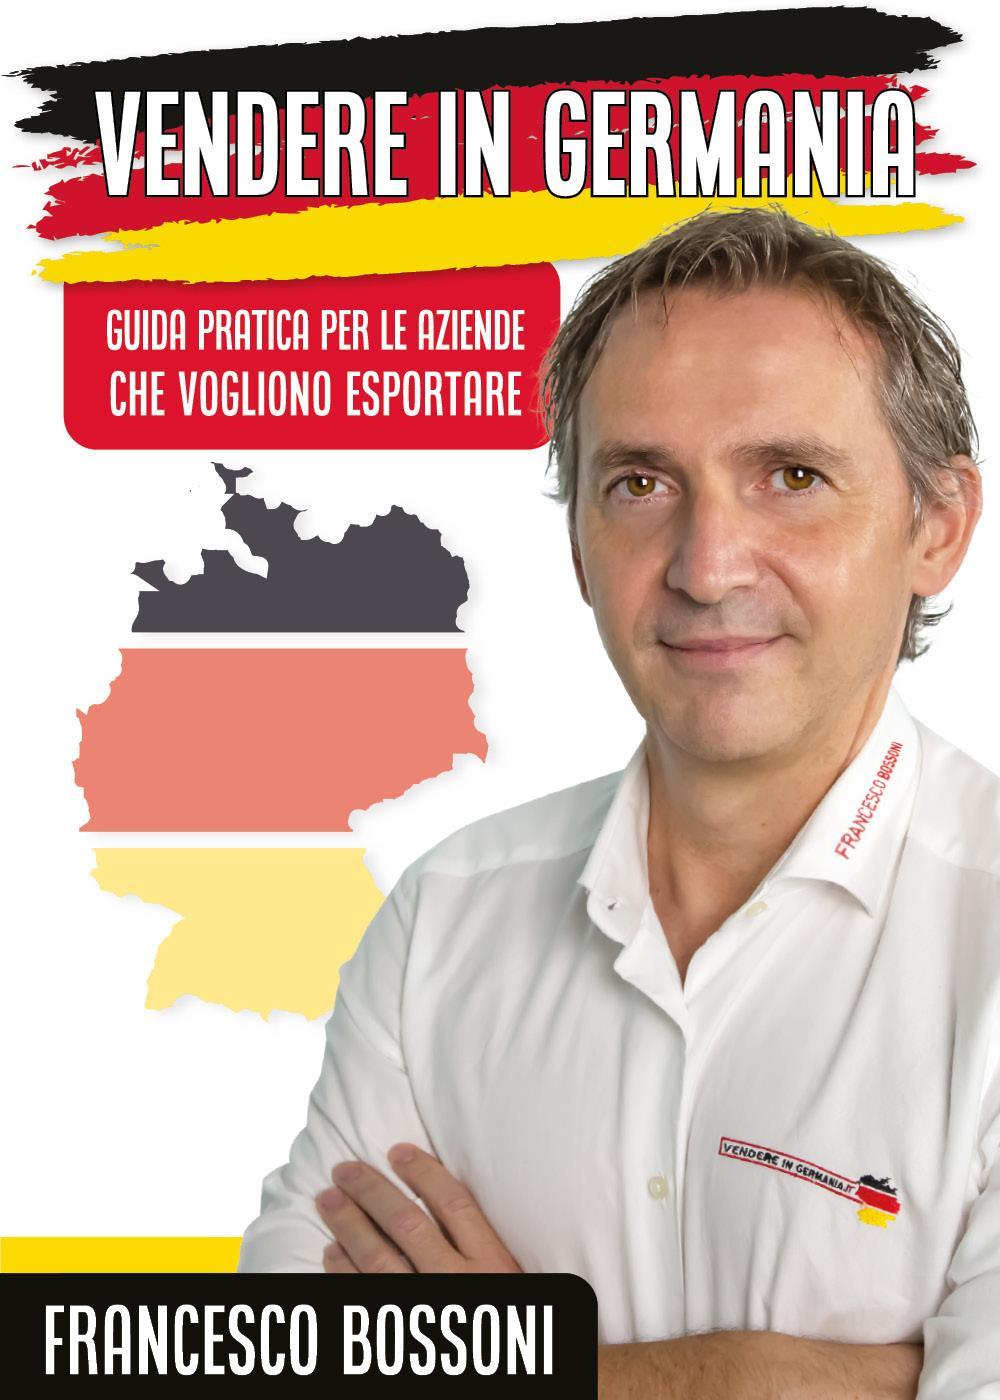 Vendere in Germania - Guida pratica per le aziende che vogliono esportare